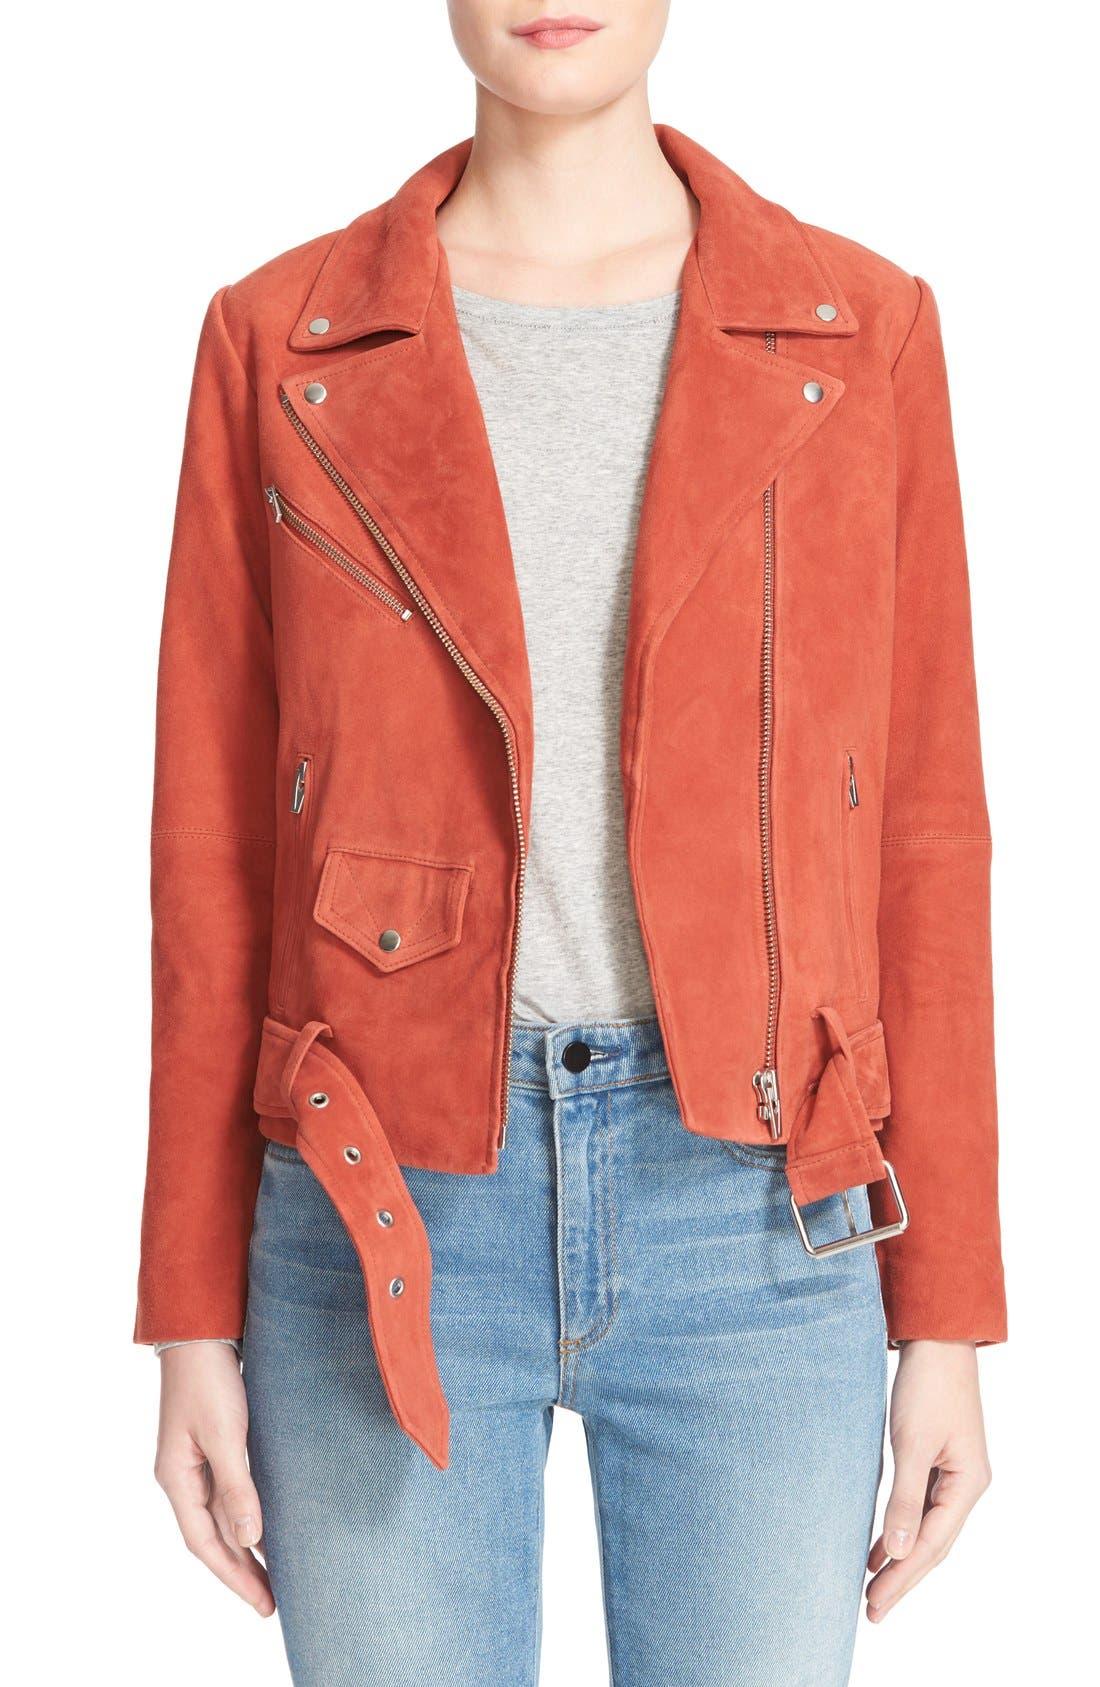 Alternate Image 1 Selected - Veda 'Jayne' Suede Moto Jacket